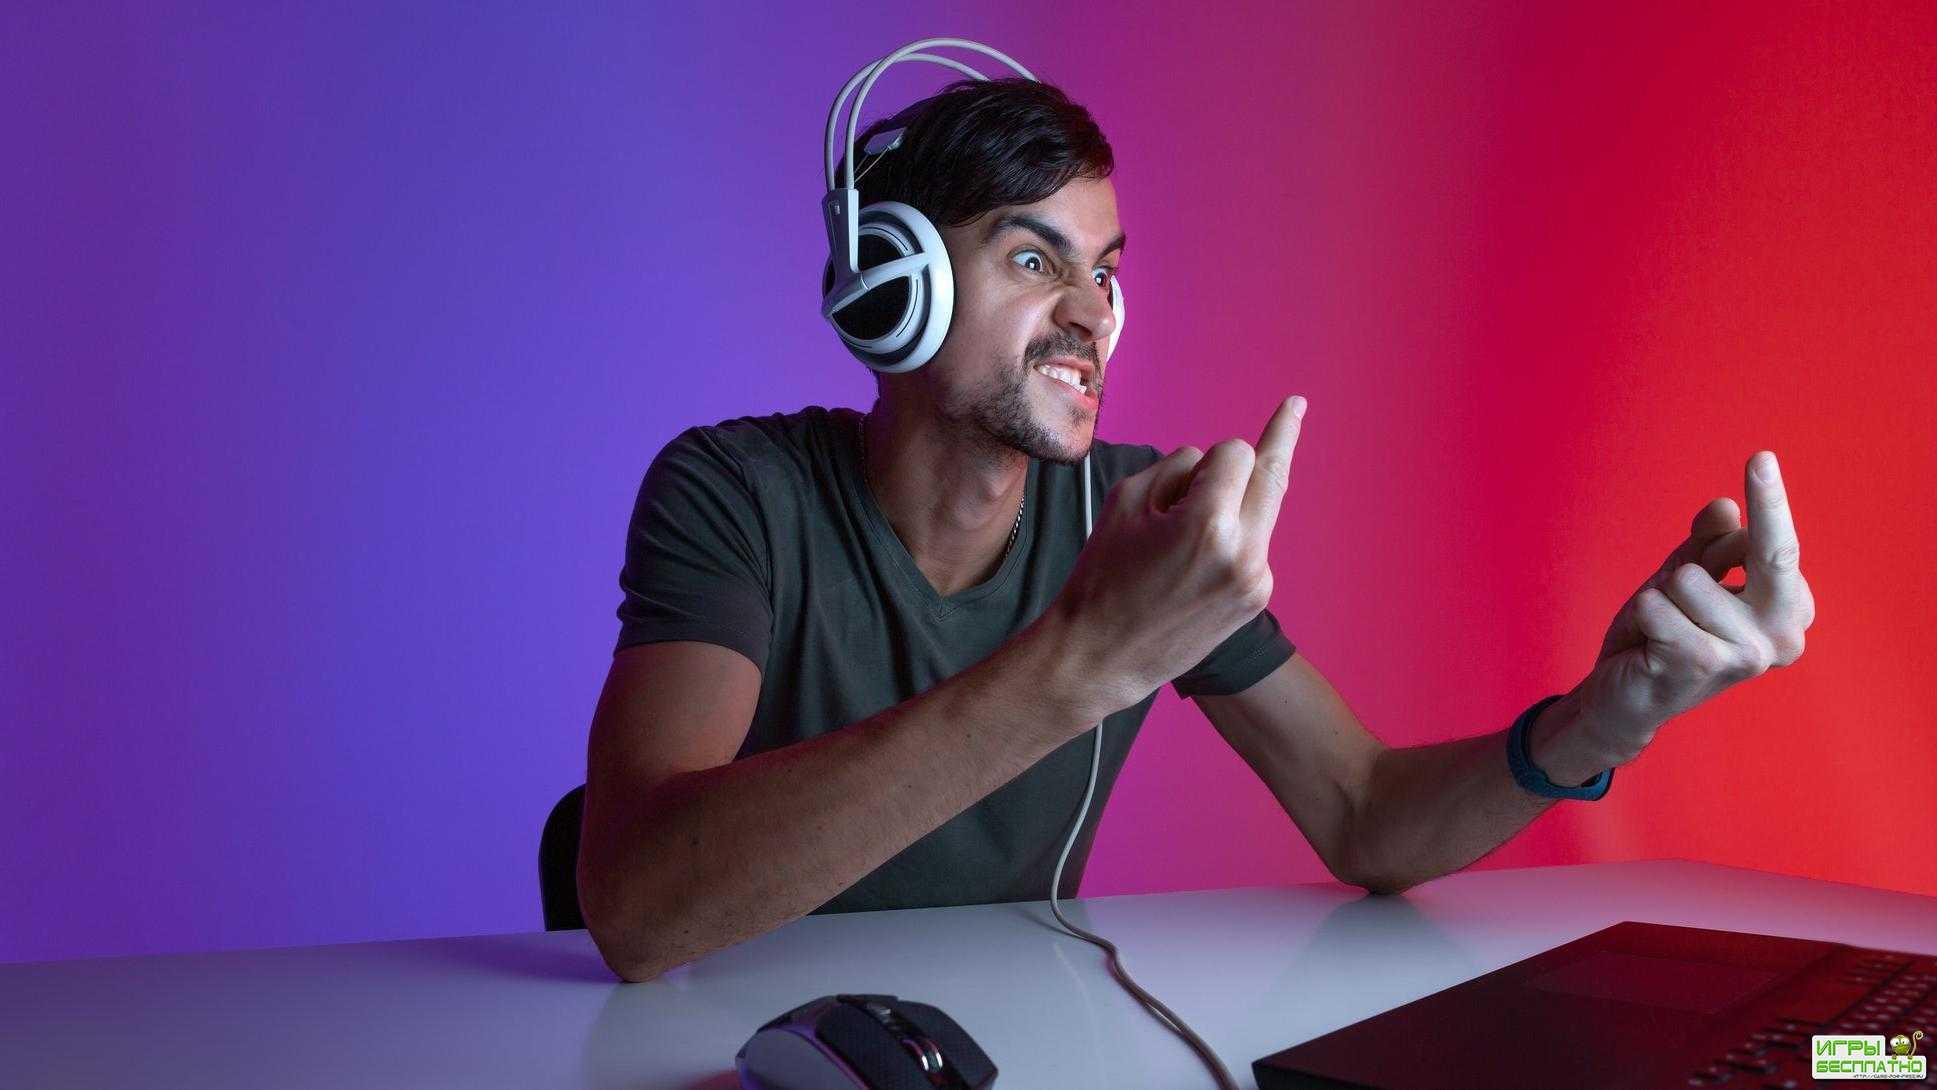 Как ругаются геймеры в играх